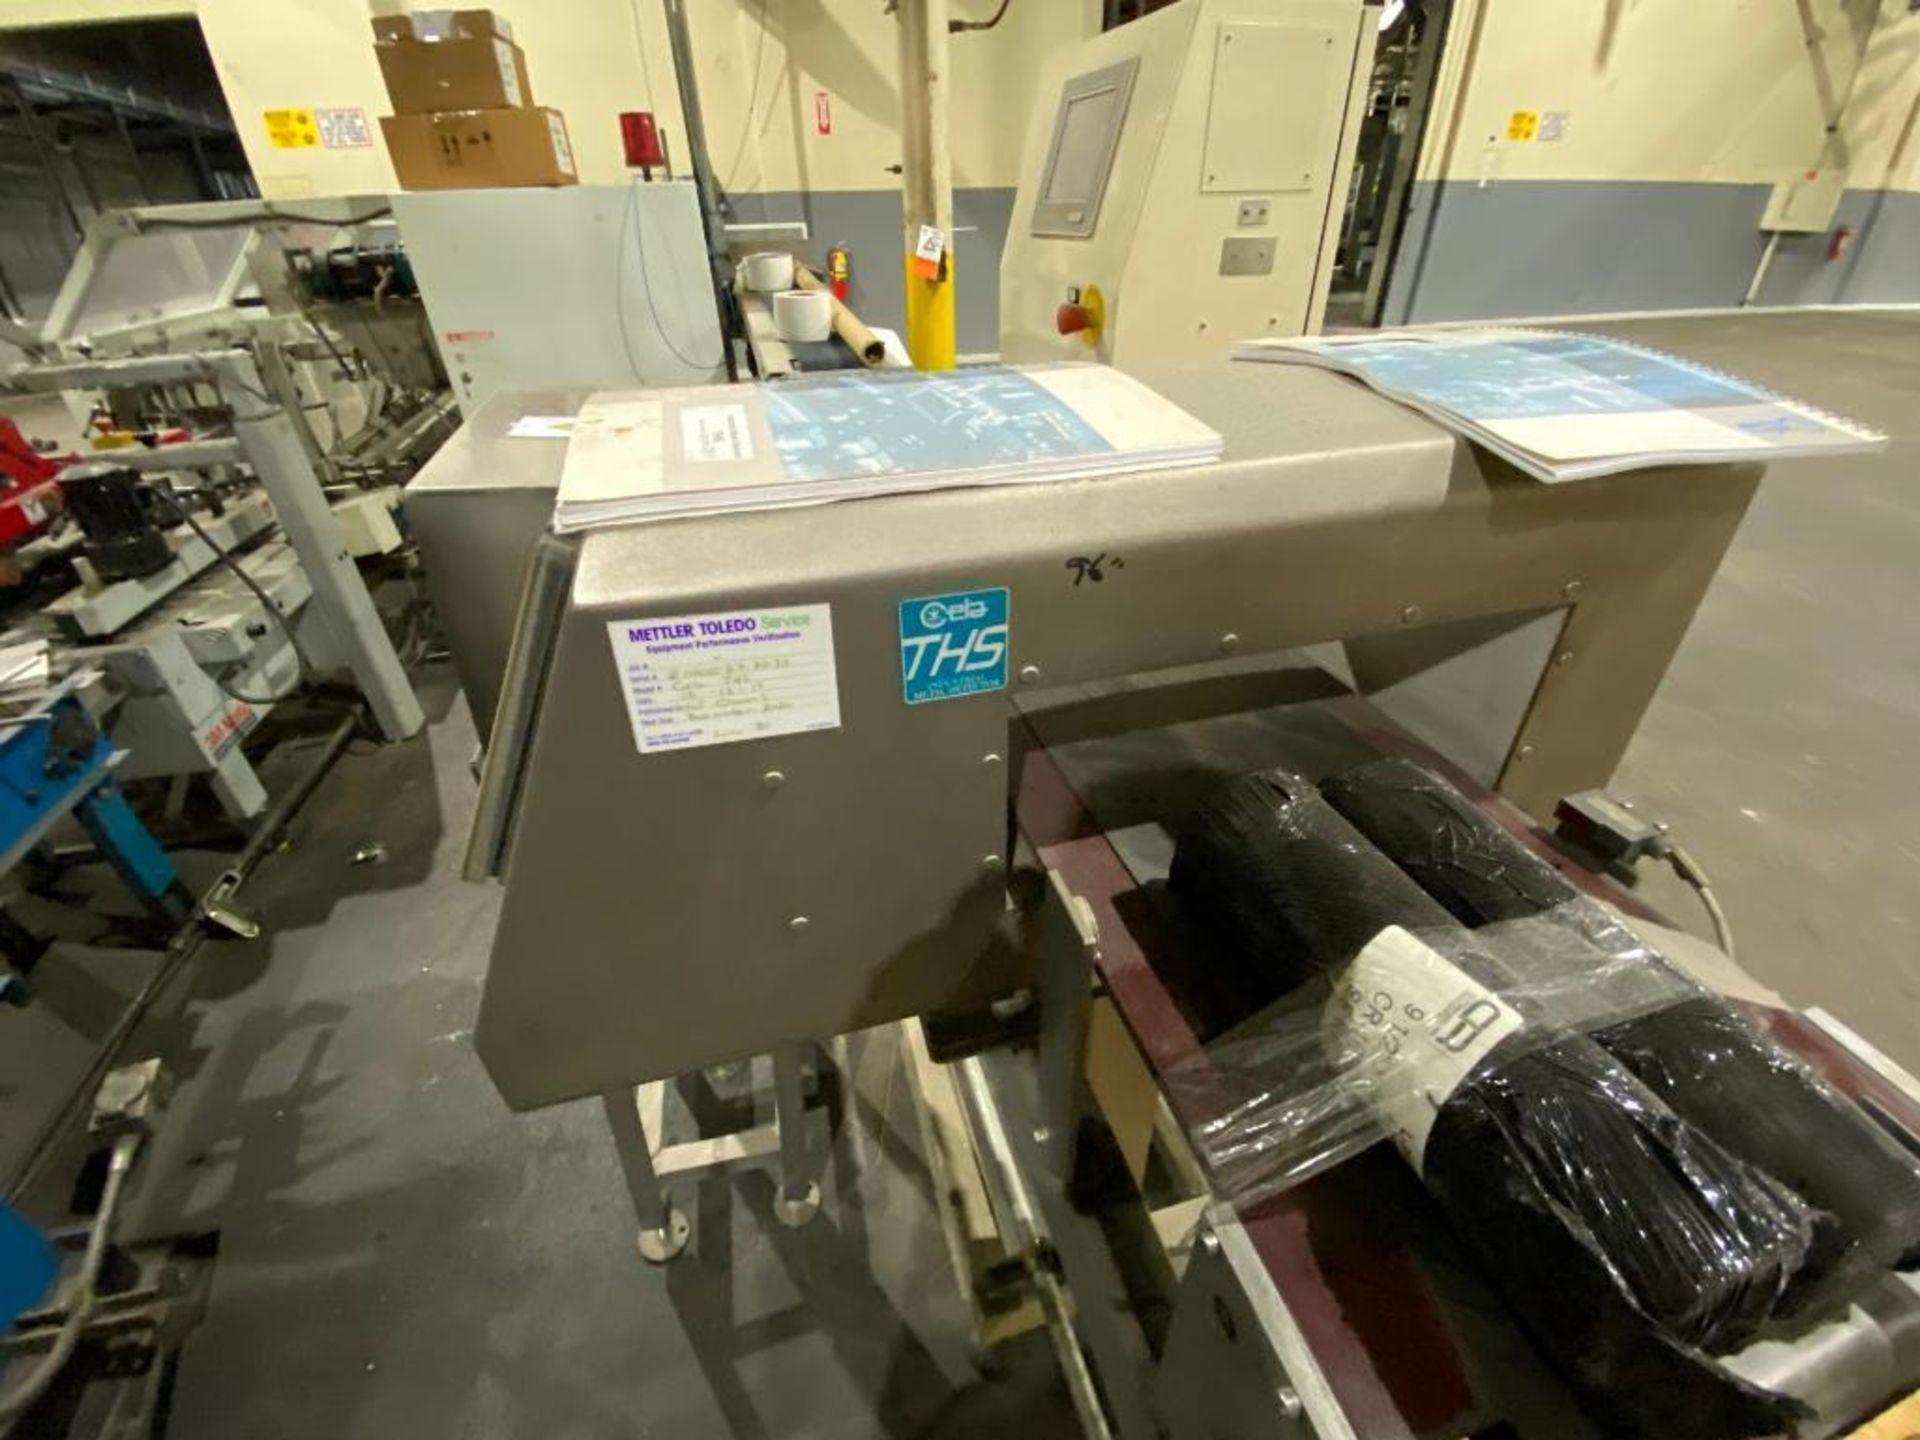 CEIA metal detector - Image 4 of 11